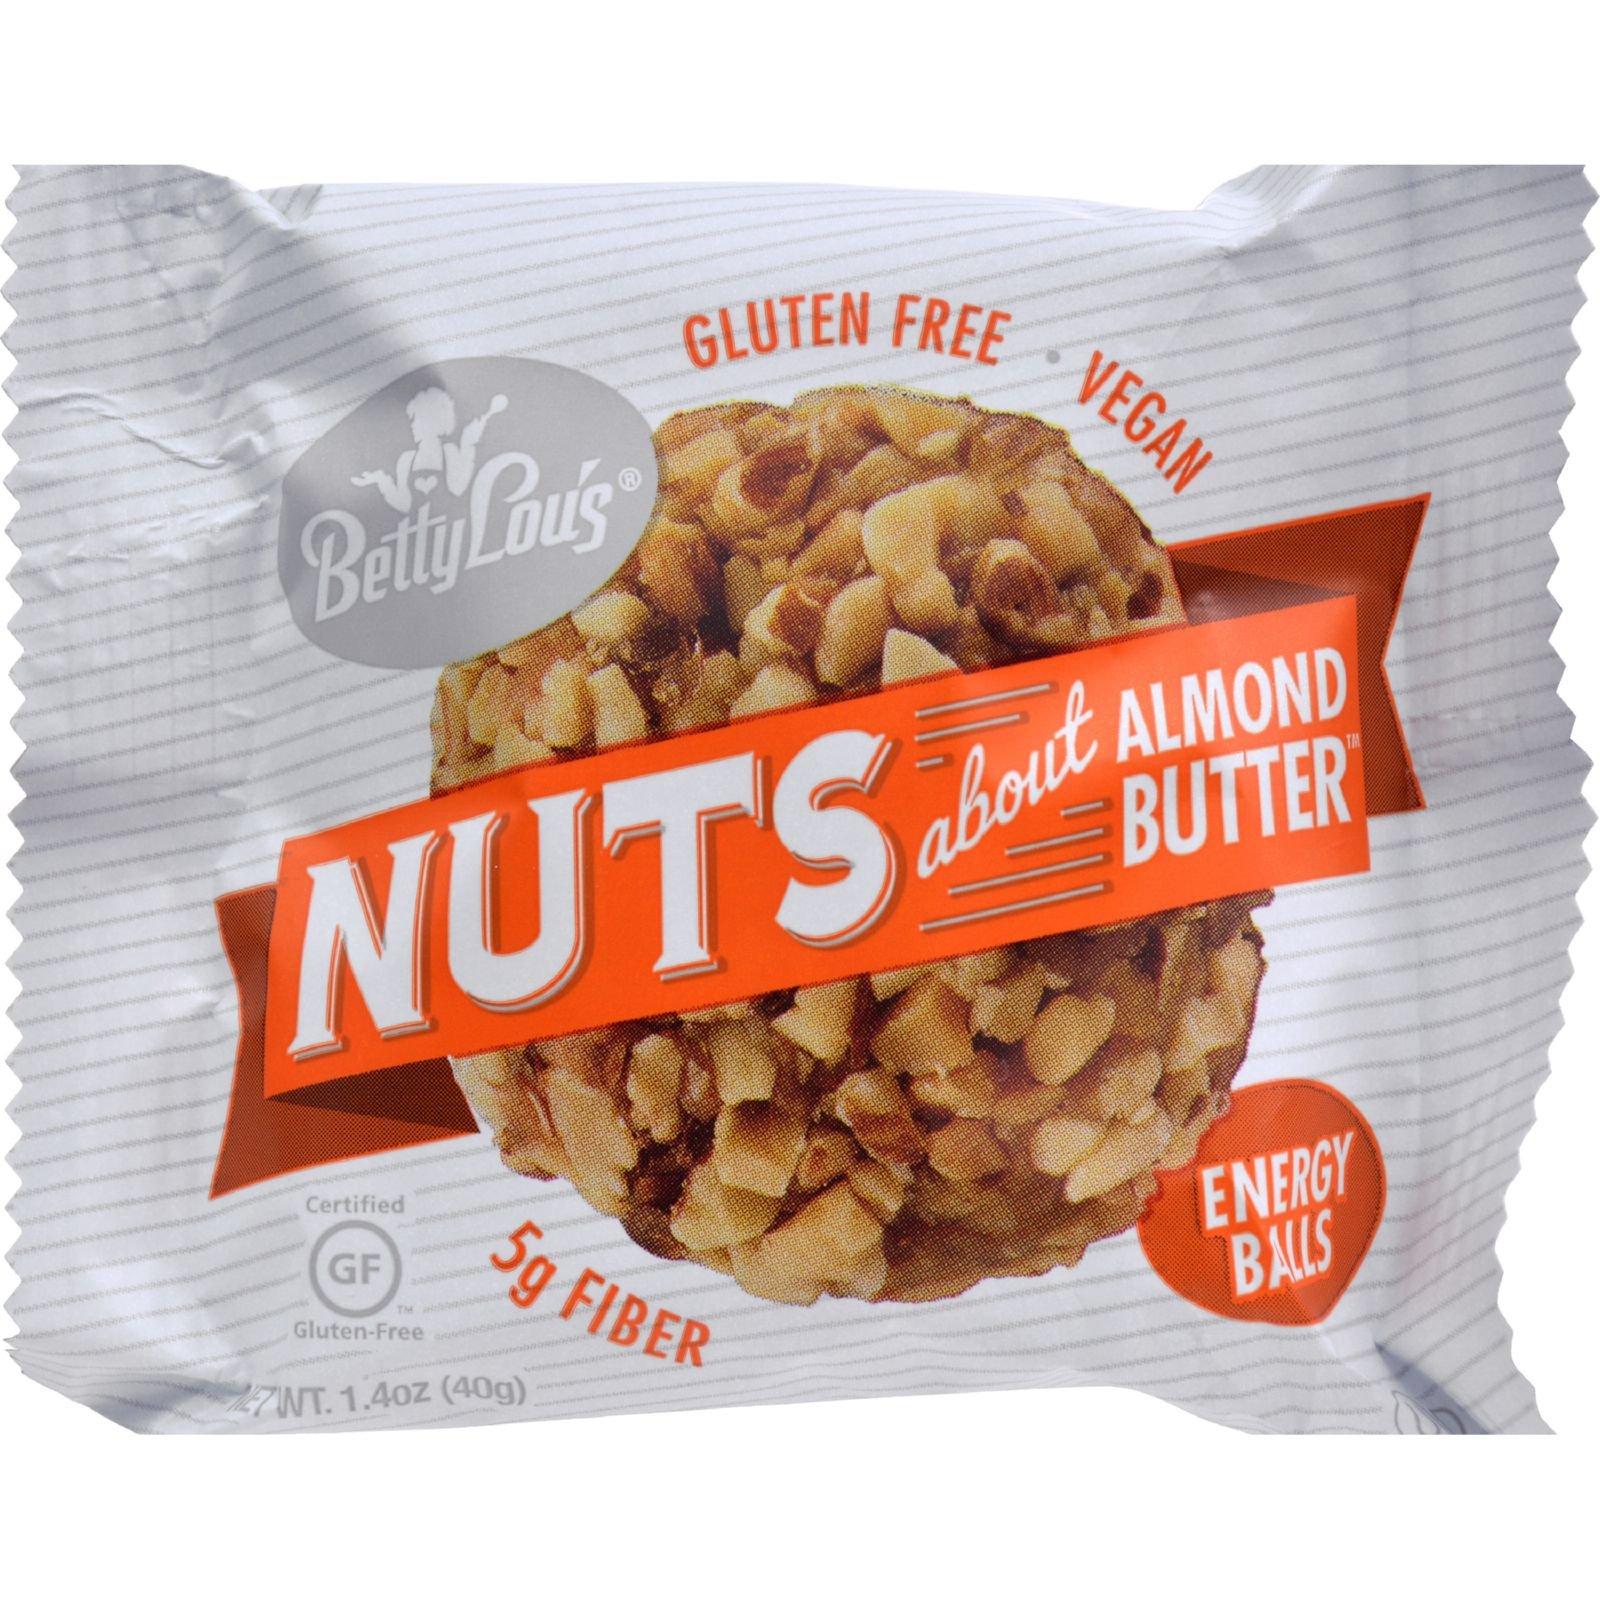 Betty Lous Nut Butter Balls - Almond Butter - 1.4 oz - 40 ct